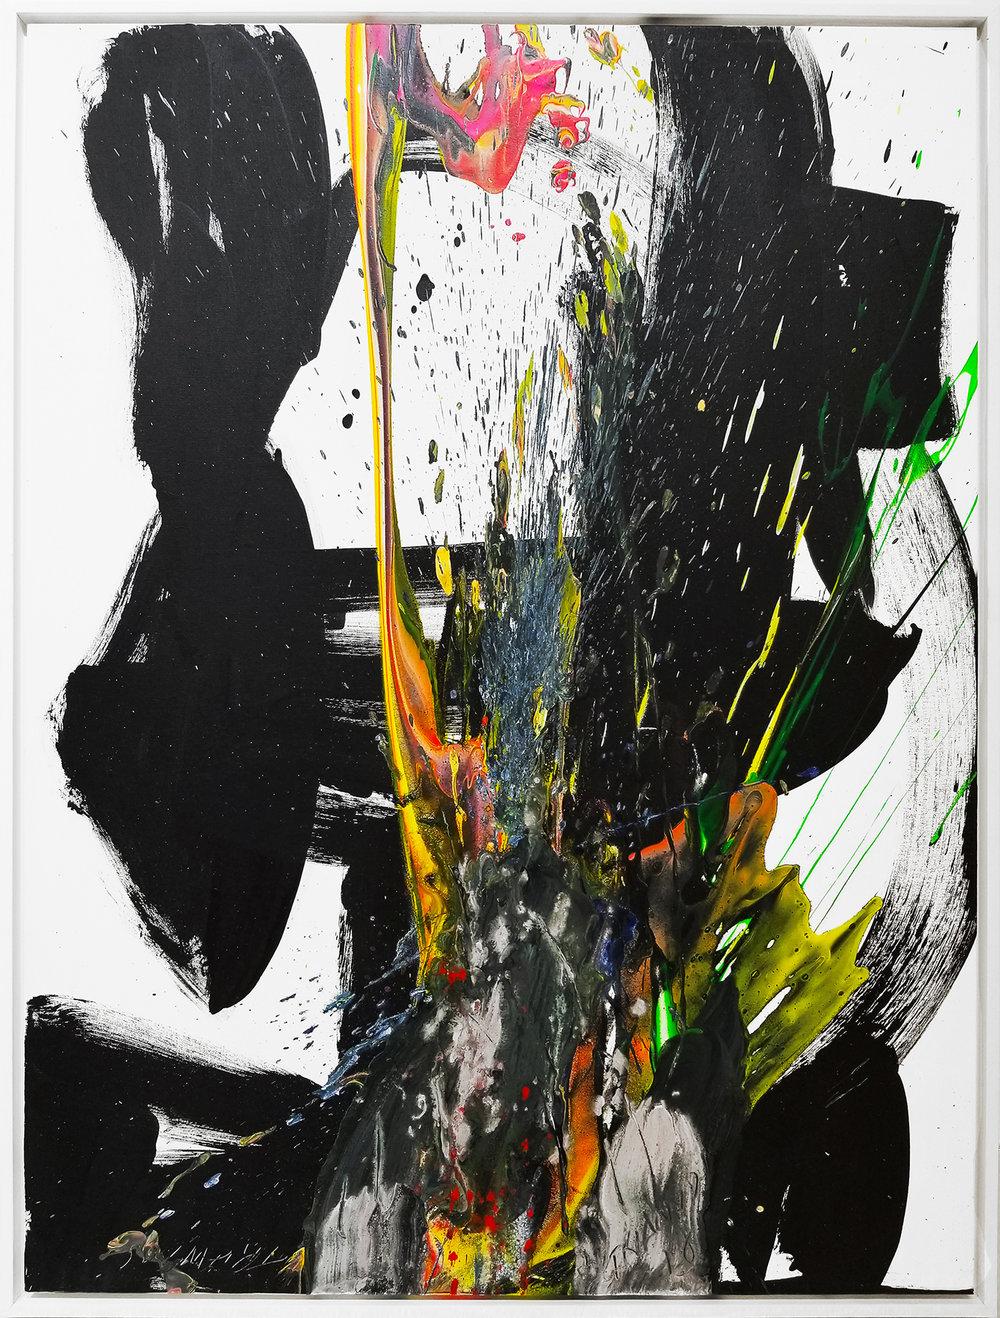 """SP2 #111, 2018, acrylic on canvas, 48""""x36"""" (121.2 x 91.4 cm)"""